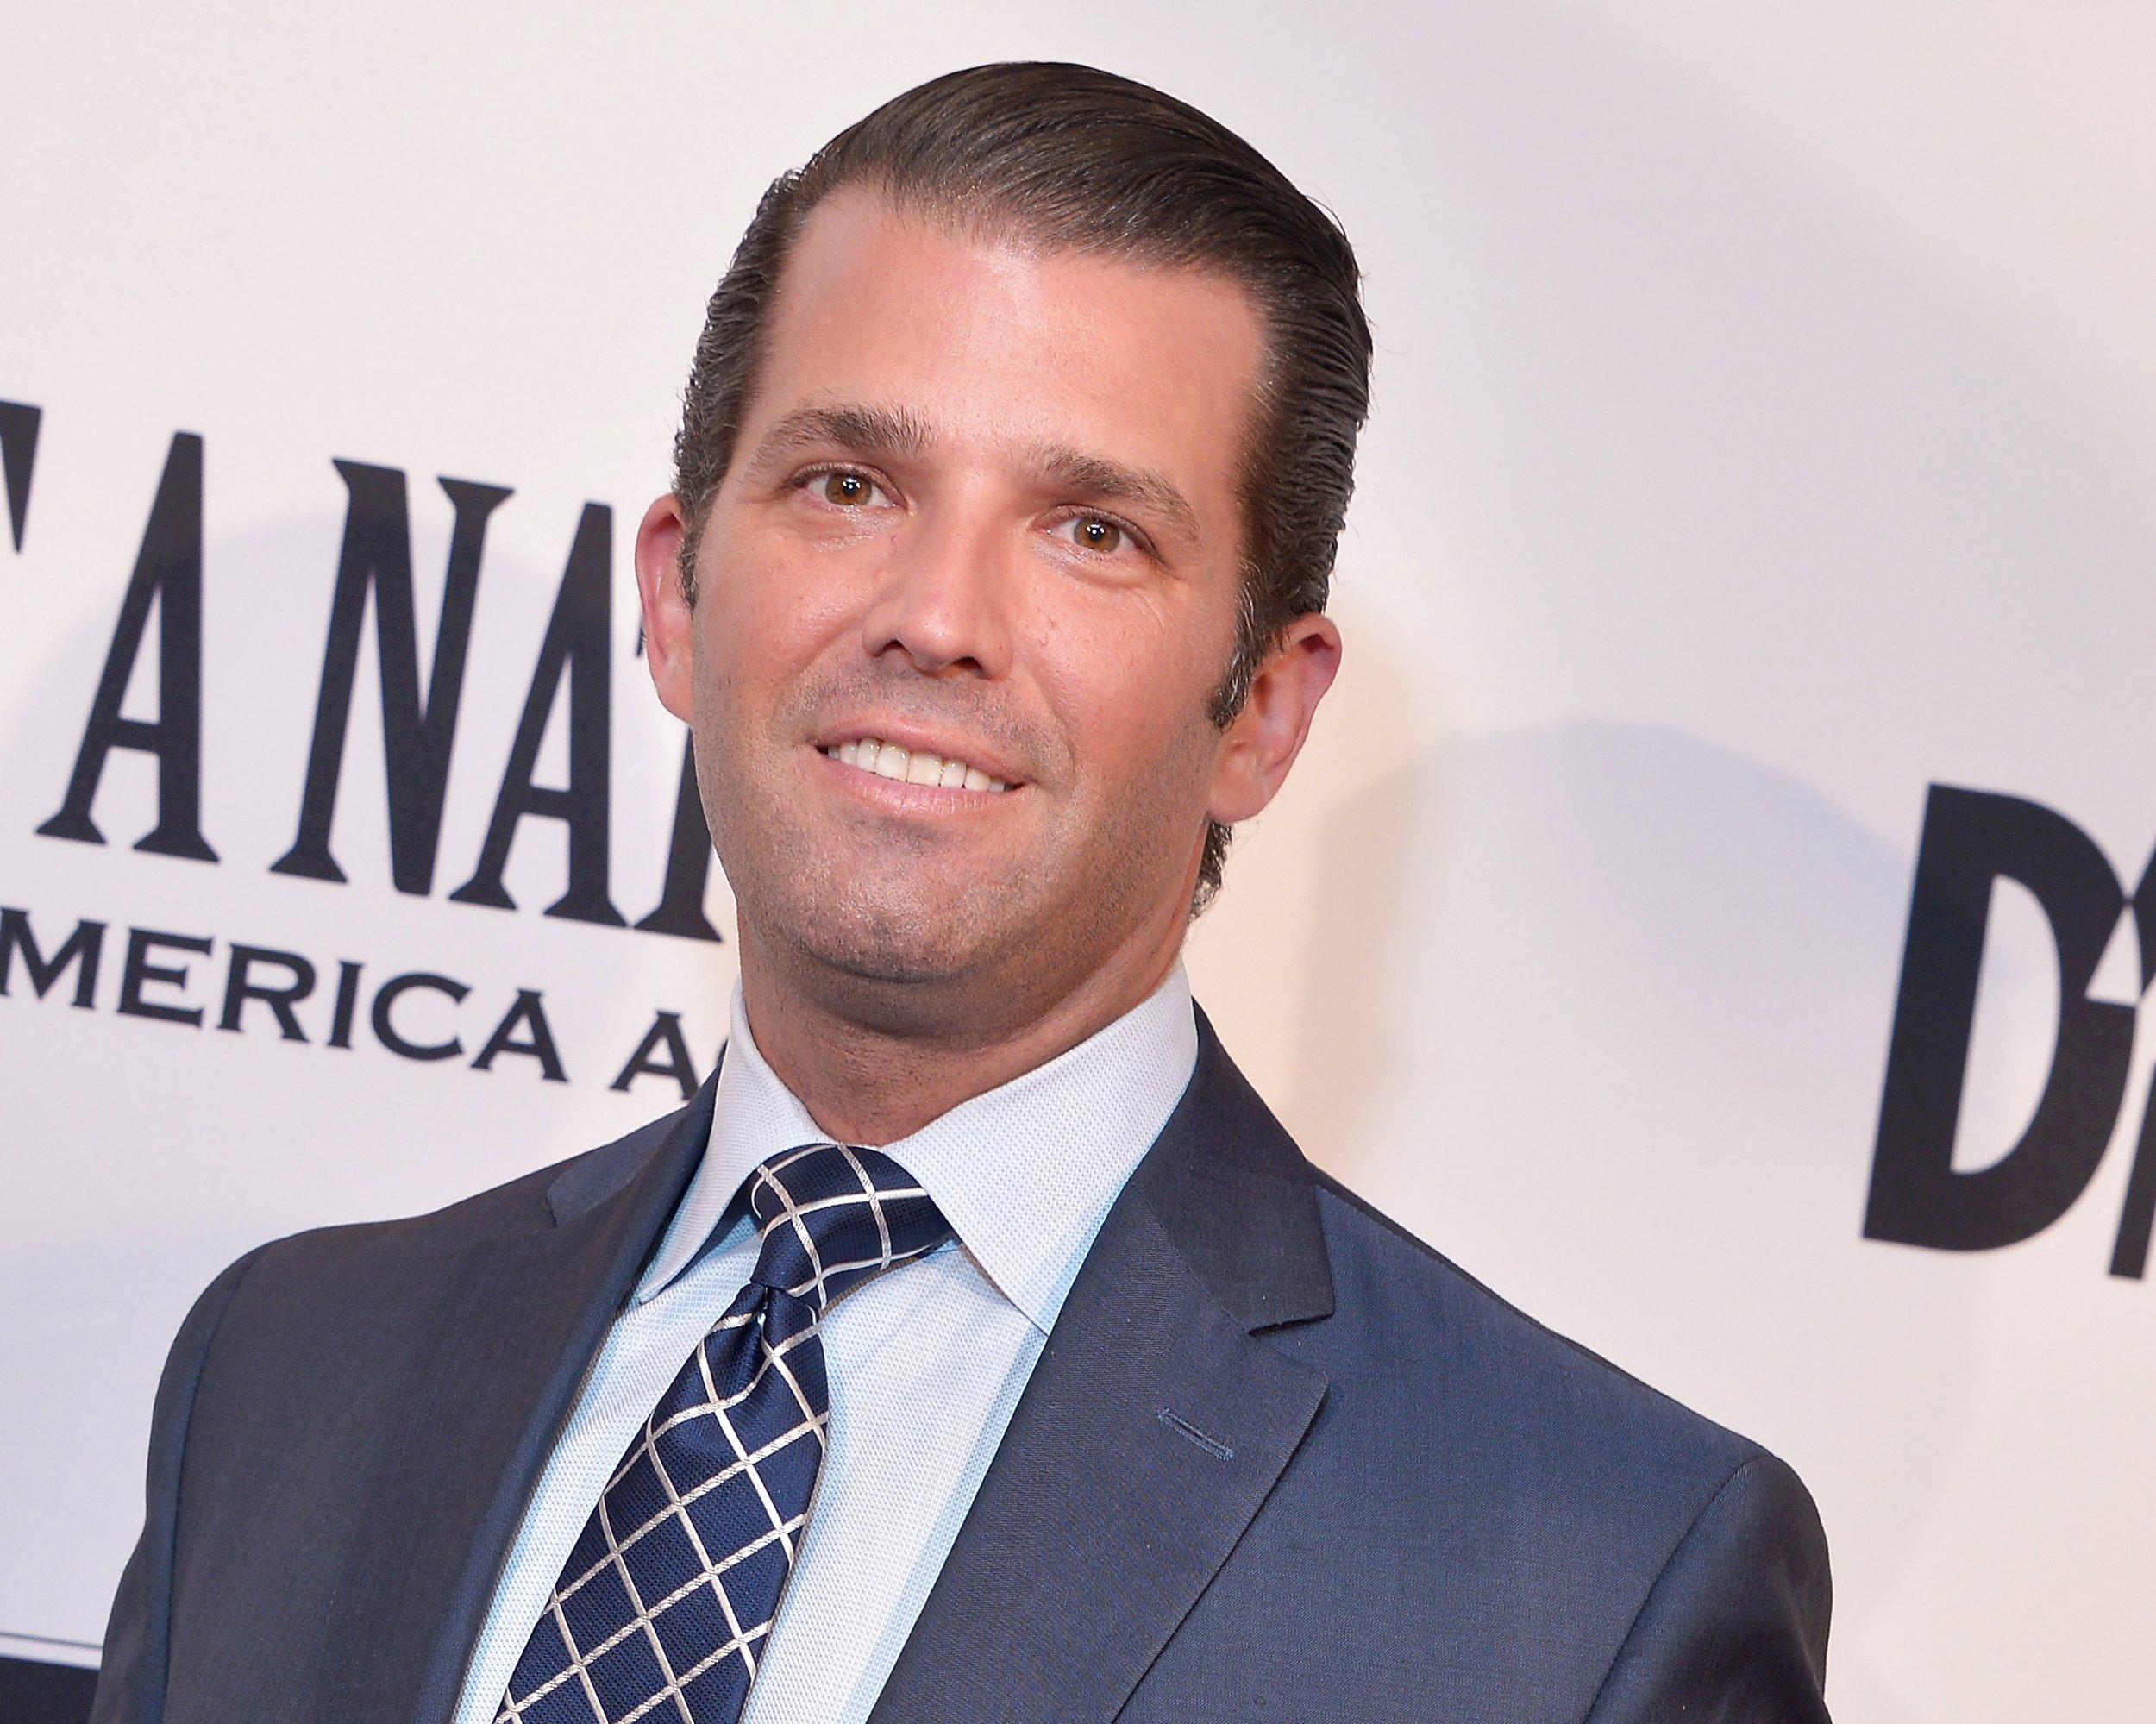 Donald Trump Jr Calls Alyssa Milano 'Entitled'